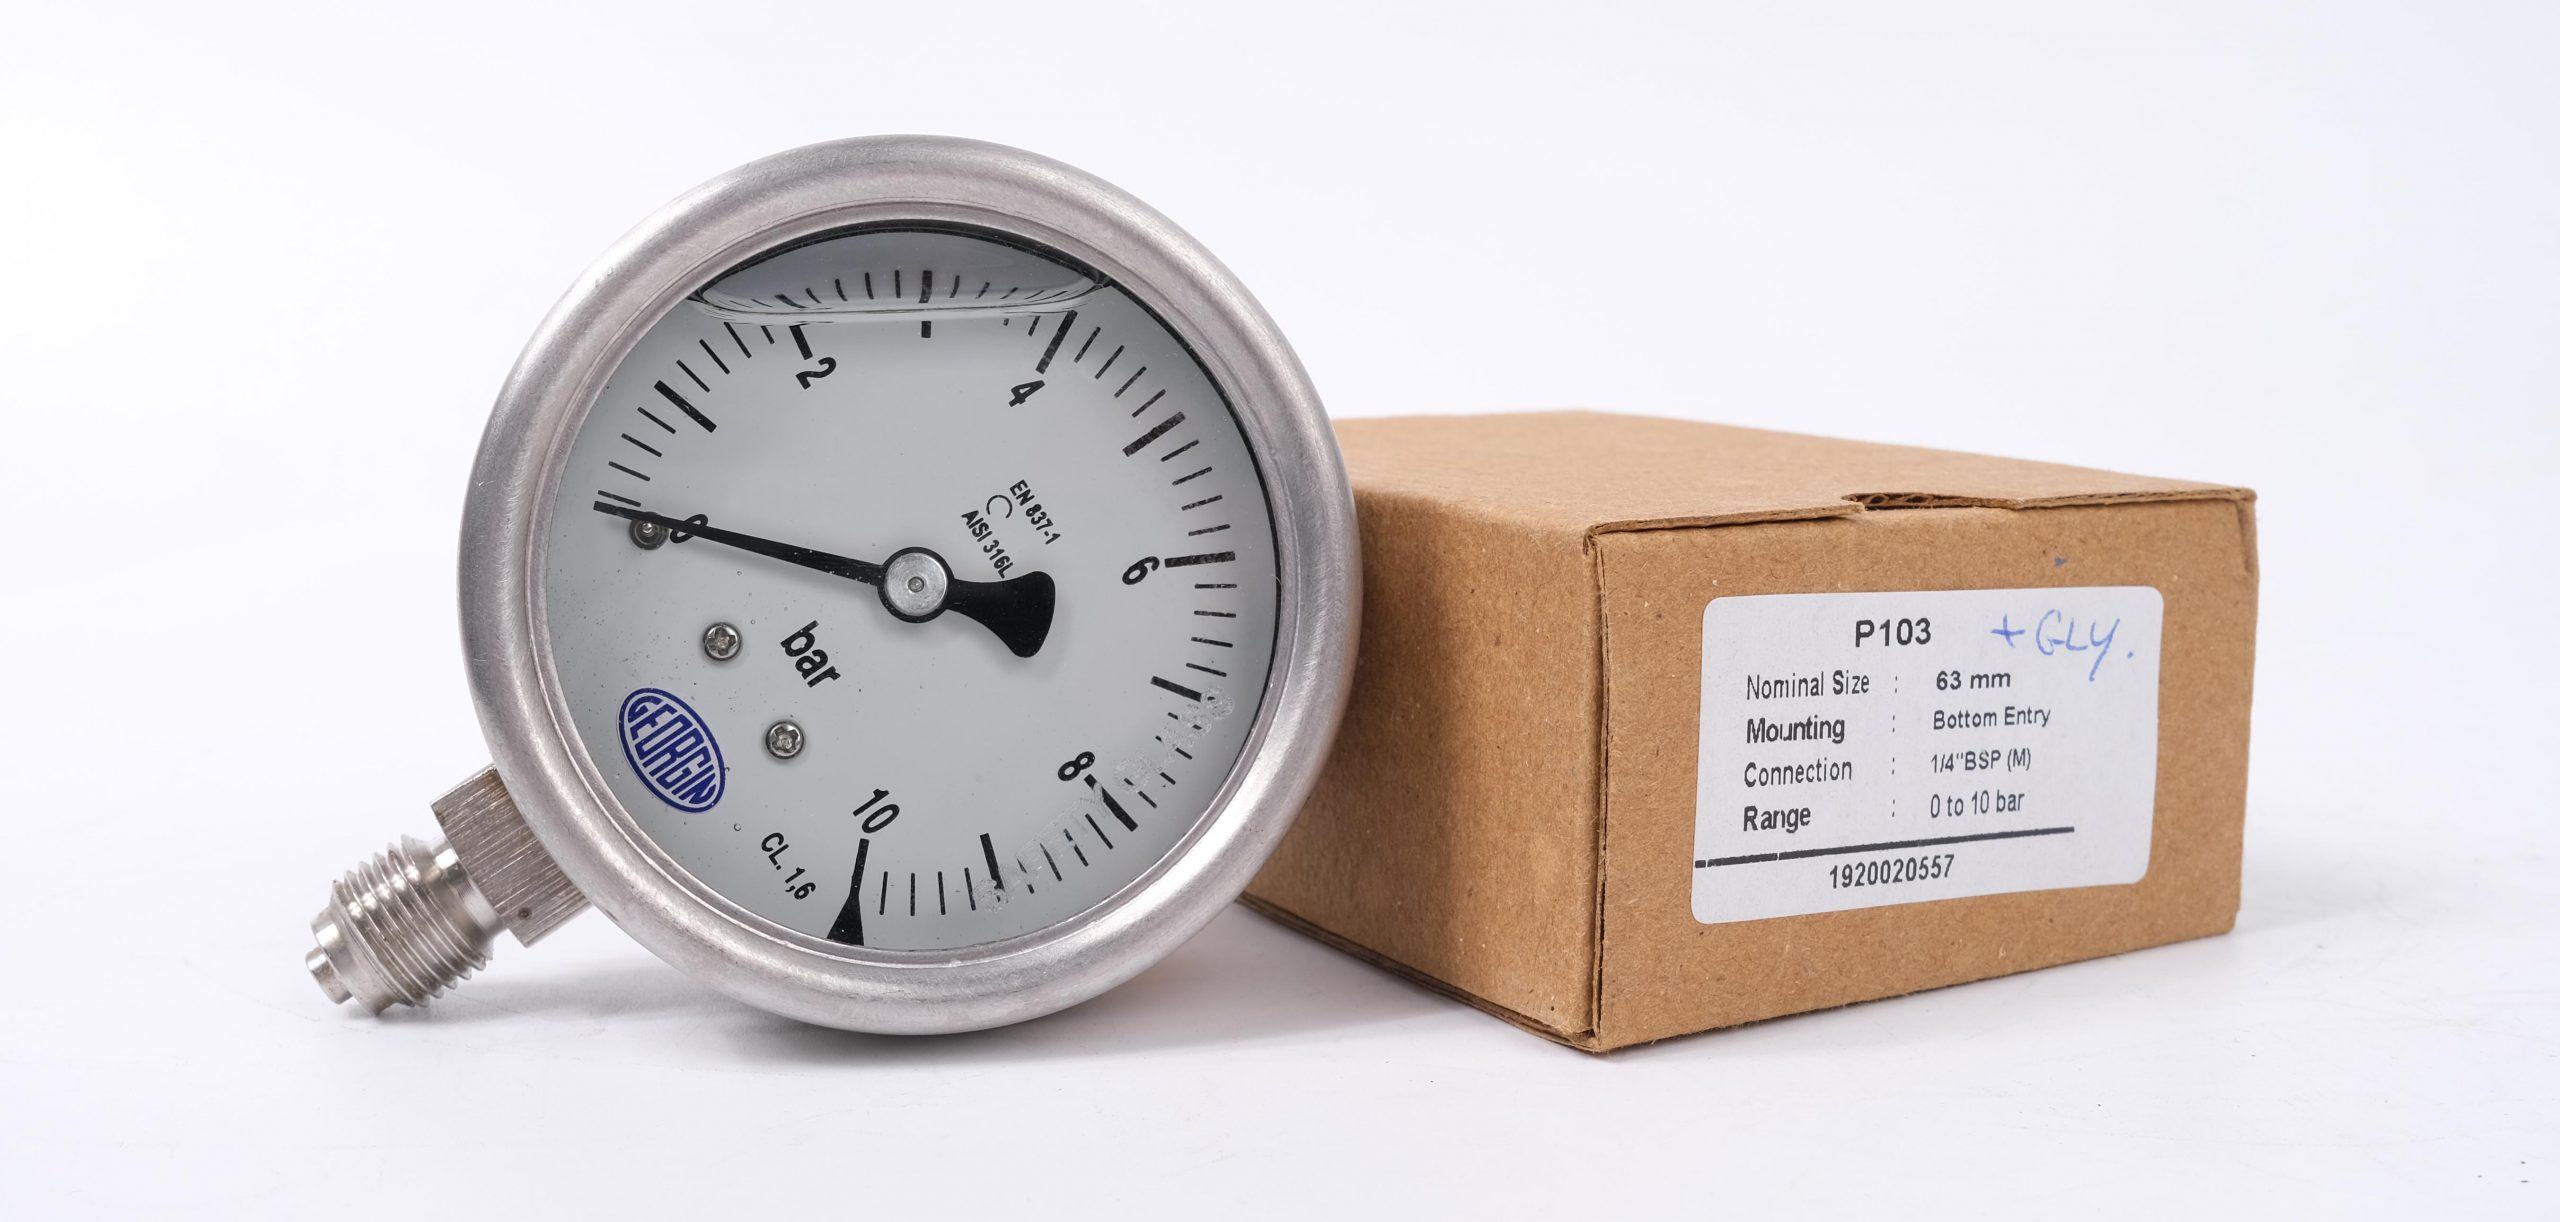 Đồng hồ đo áp suất 0-10 bar M5000 | Georgin - Pháp